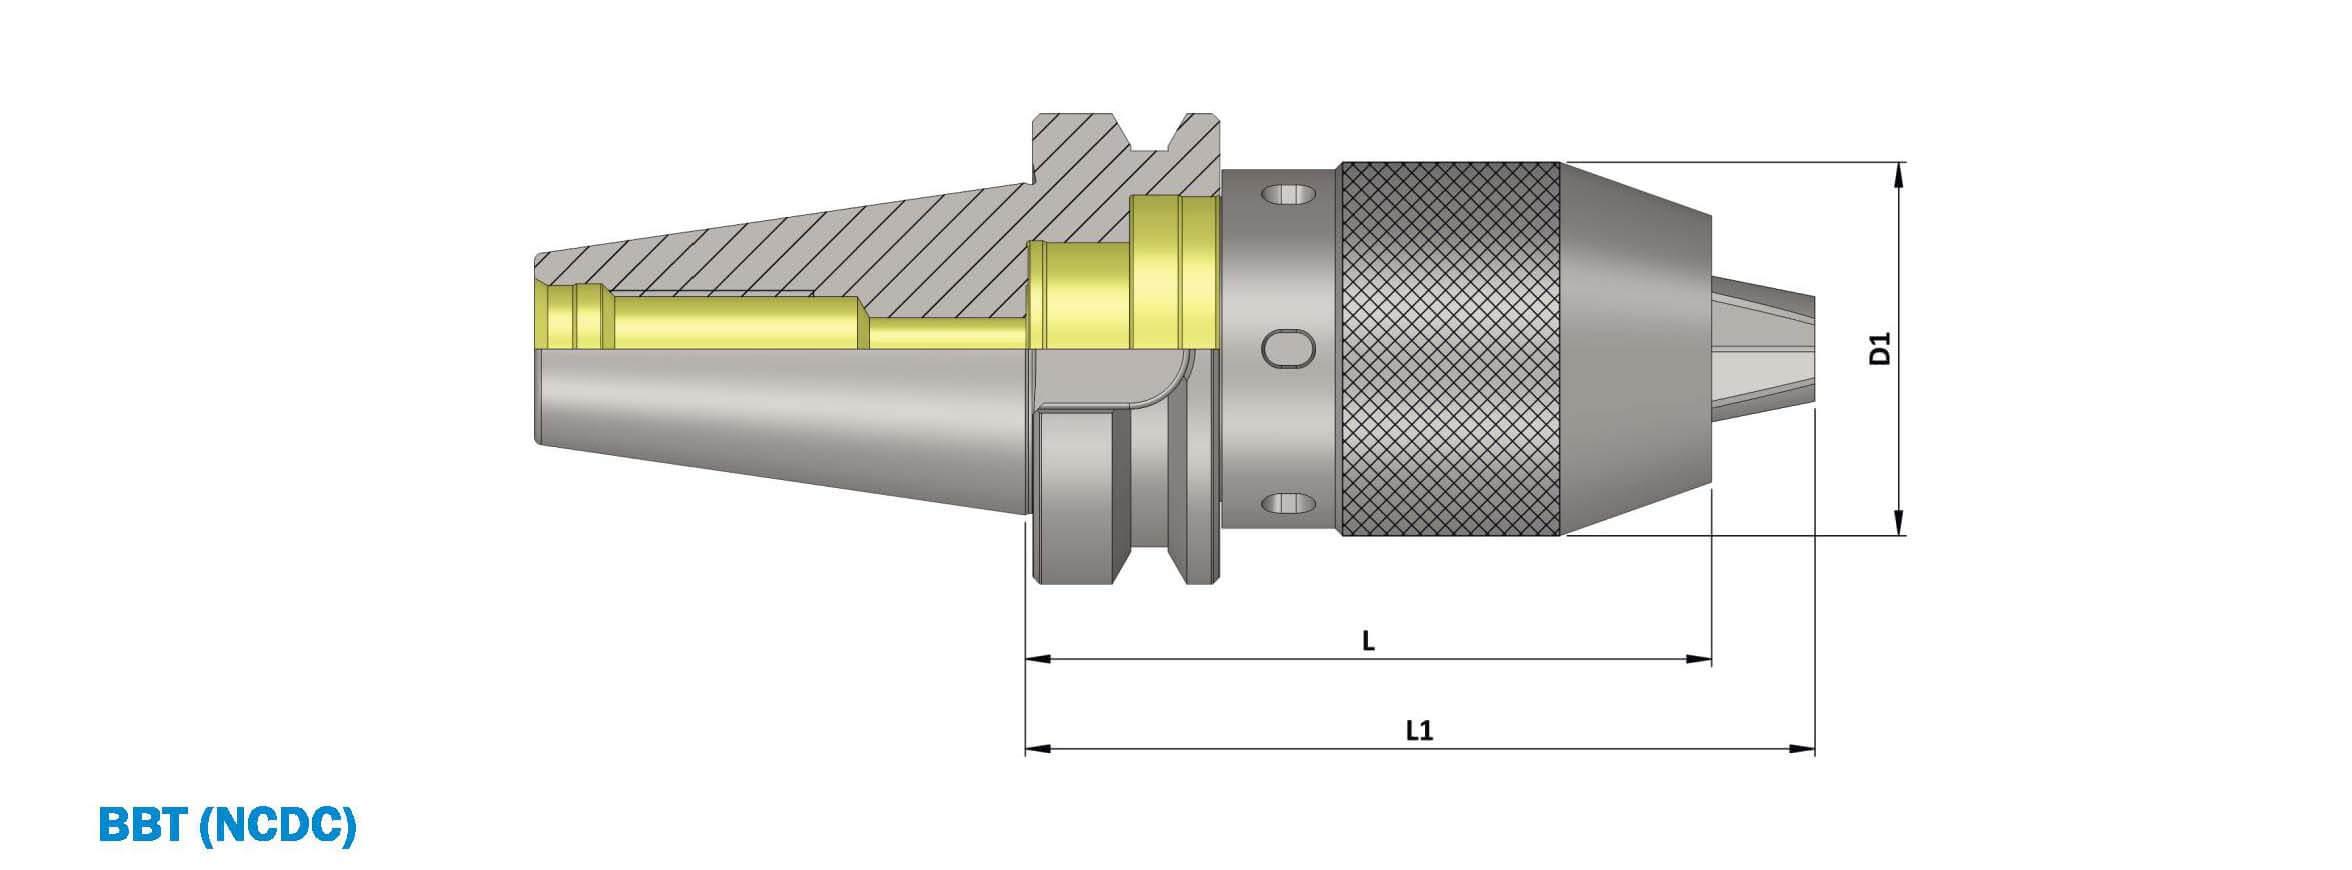 BBT40 Integral Drill Chuck